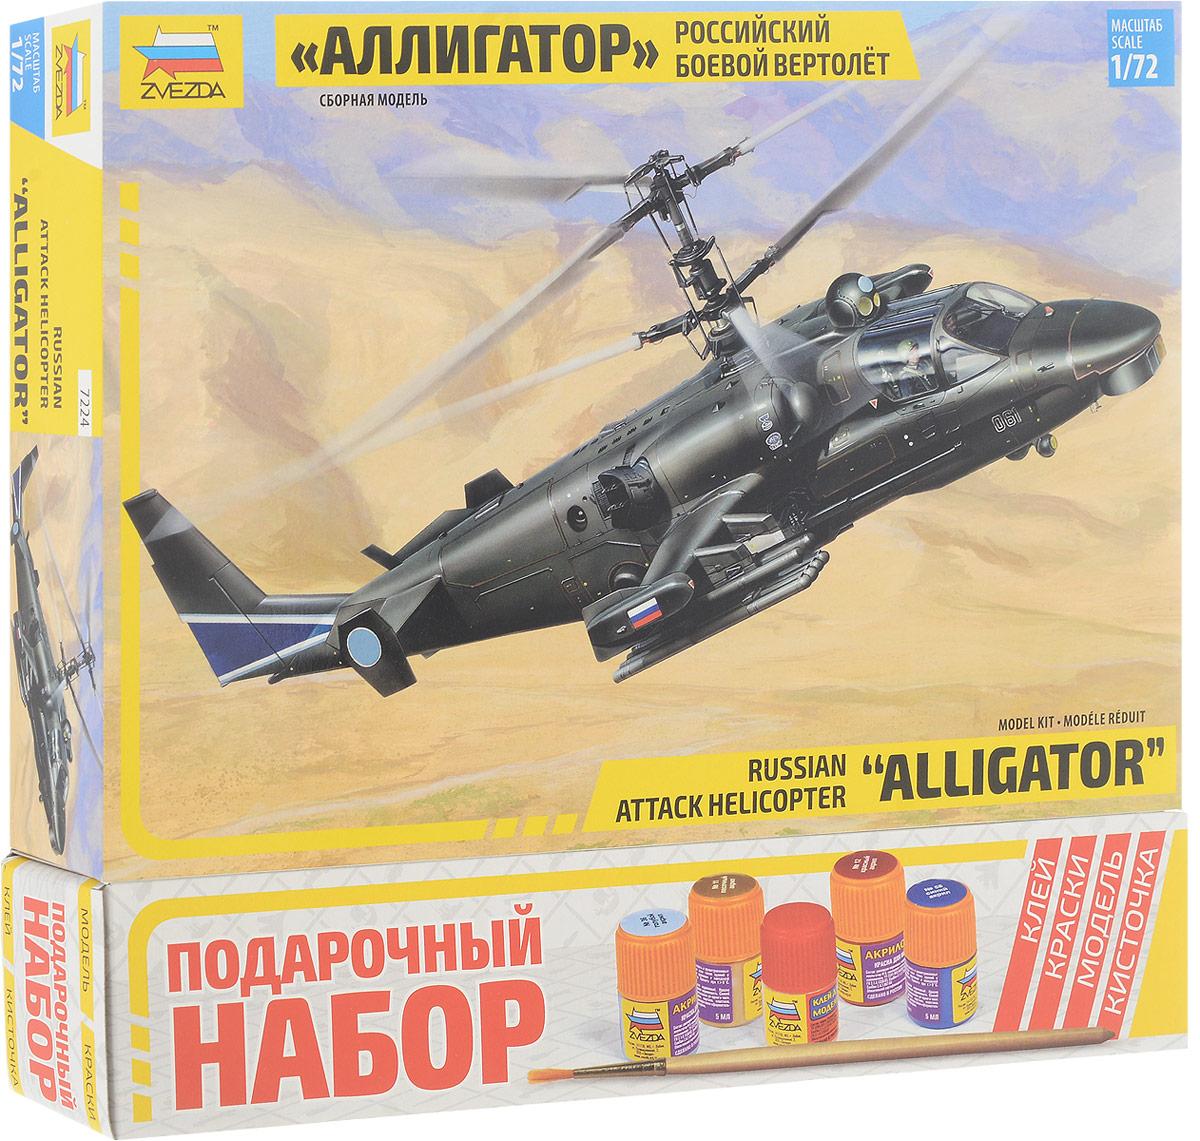 Звезда Набор для сборки и раскрашивания Российский боевой вертолет Ка-52 Аллигатор